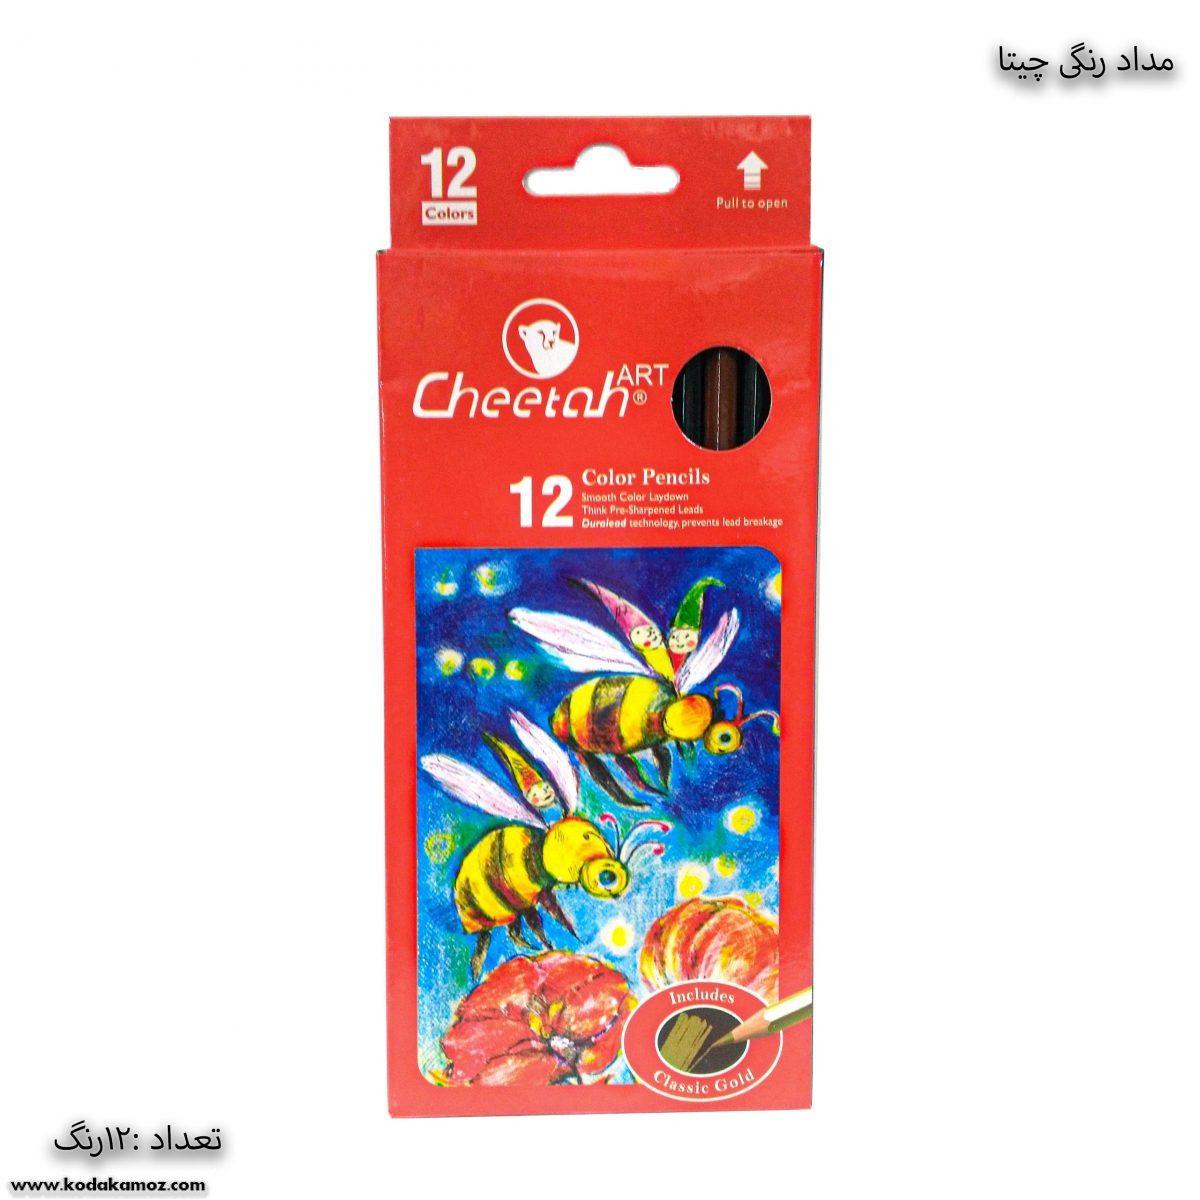 مداد رنگی 12 رنگ چیتا 1